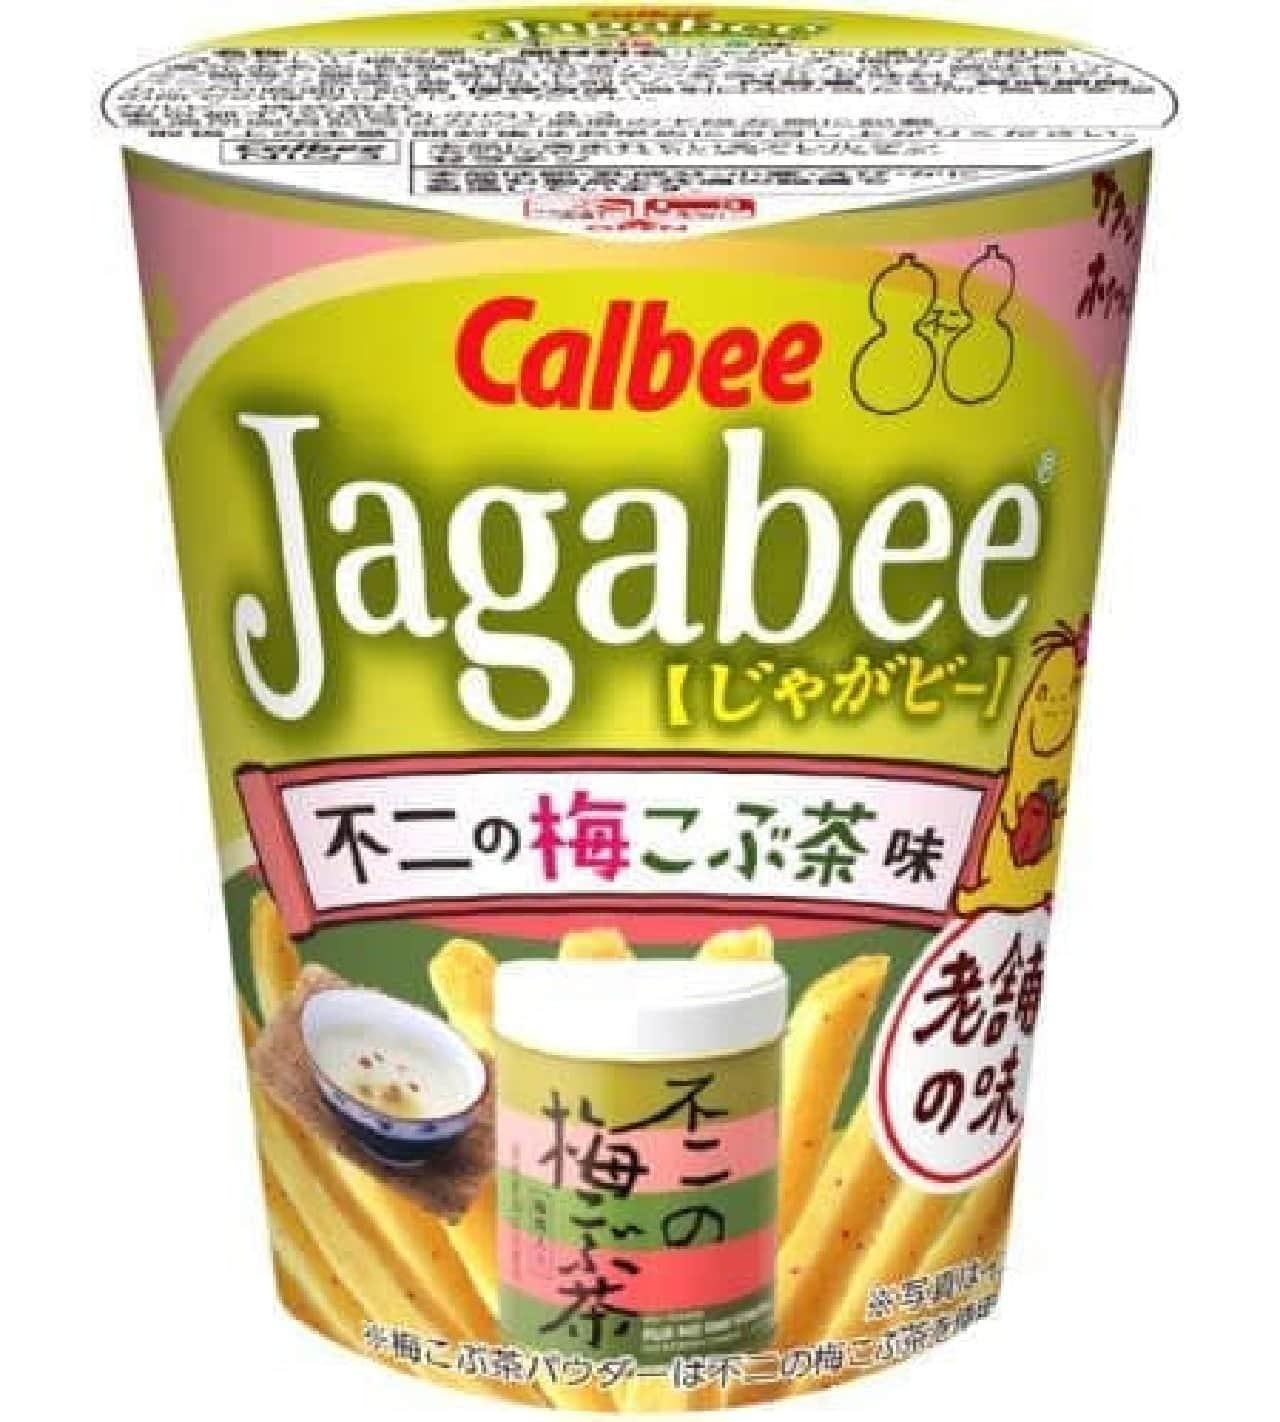 カルビー「Jagabee 不二の梅こぶ茶味」